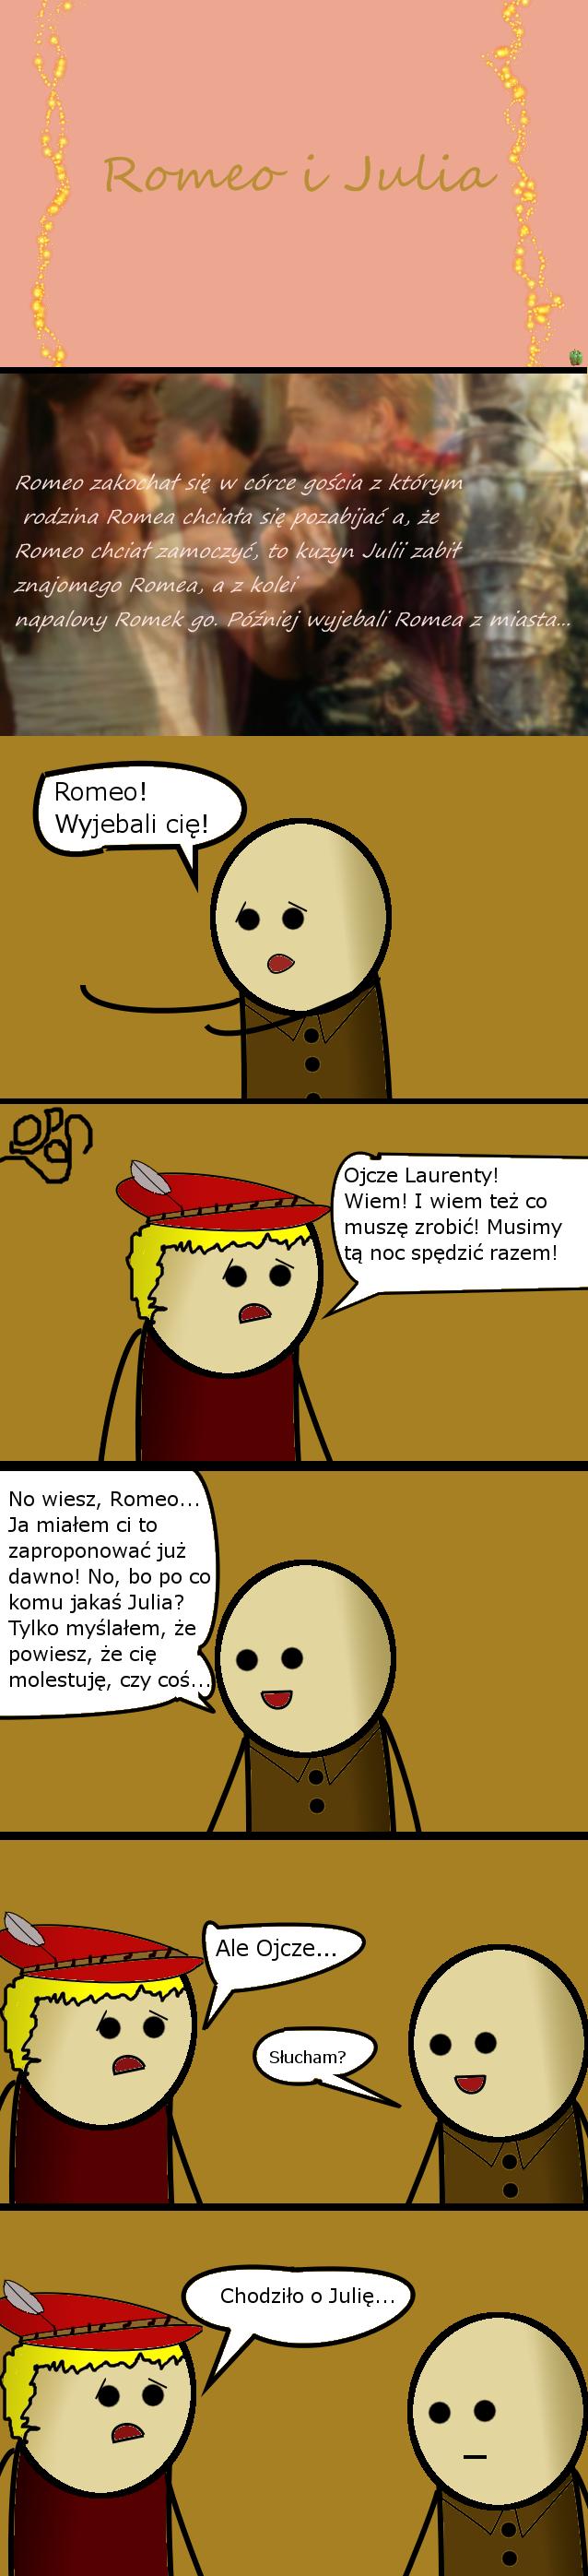 Romeo i Julia                         Komiks nr 90 by Norxxq